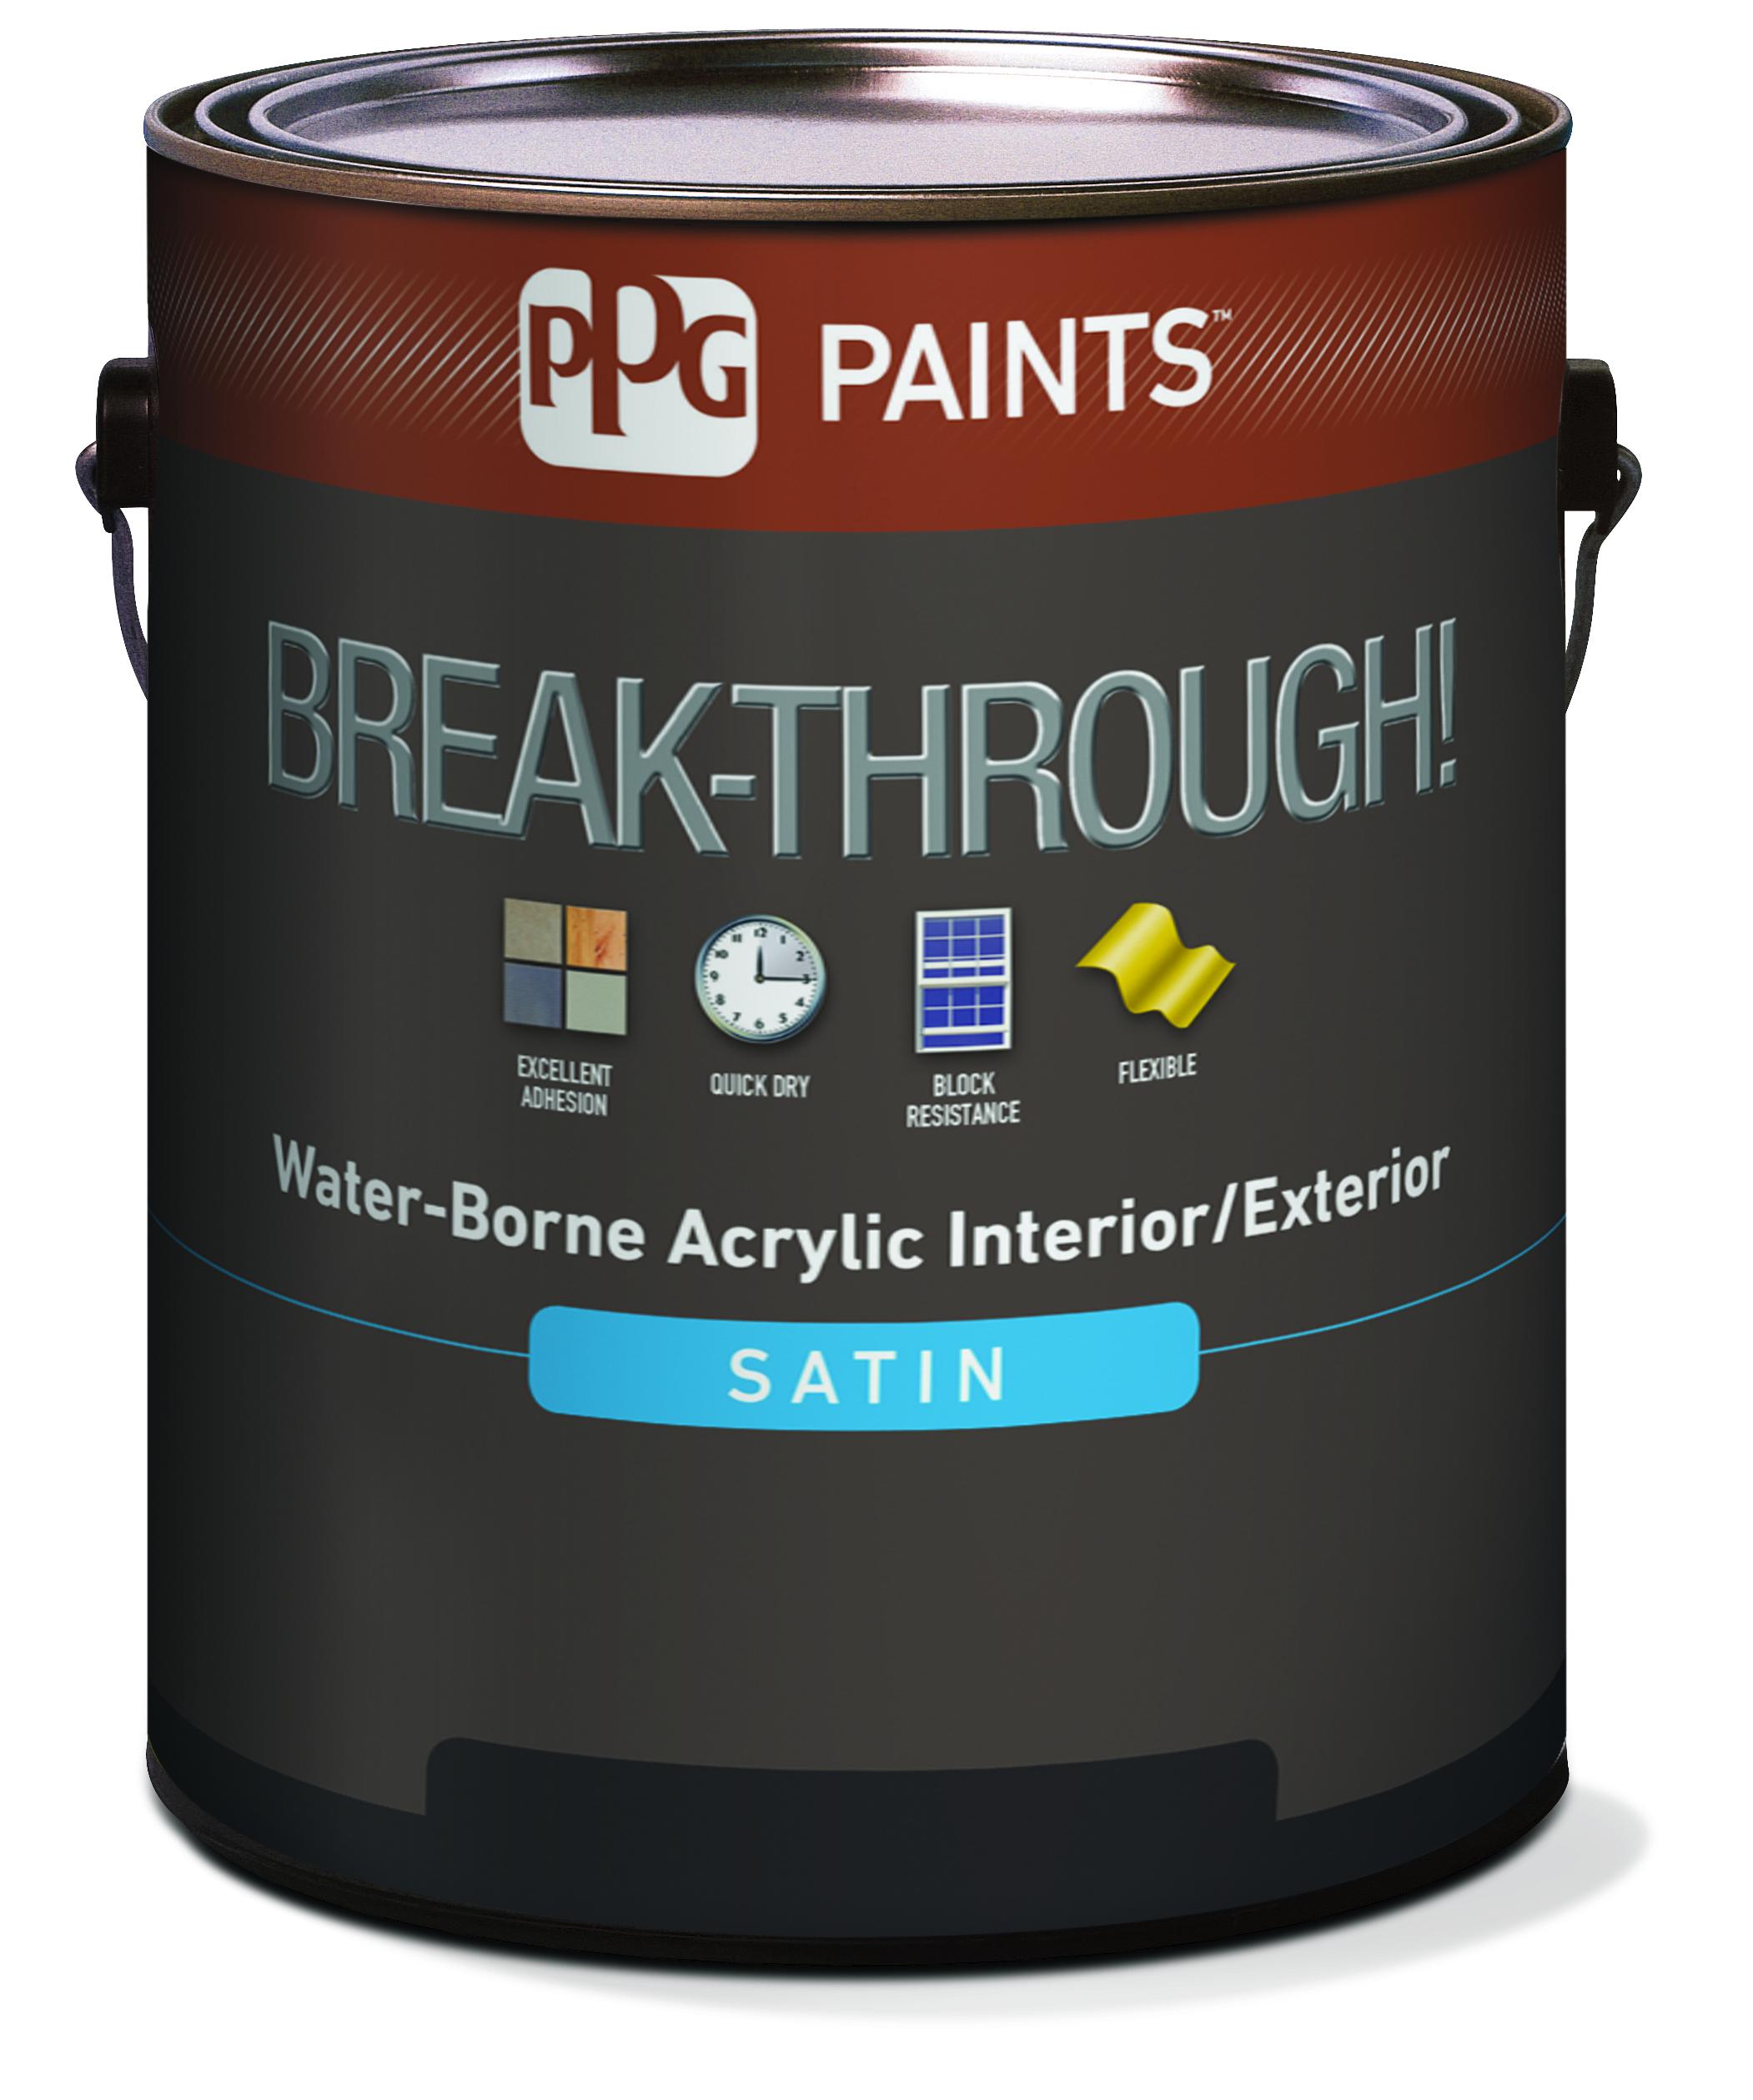 Break Through Paint Ppgpaints Jpg Aspx